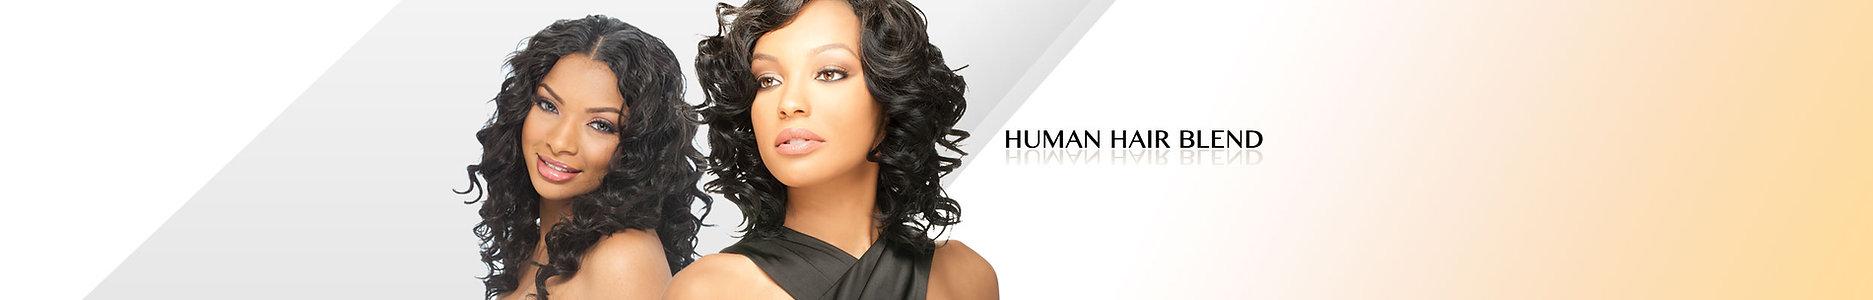 01_human-hair-blend.jpg